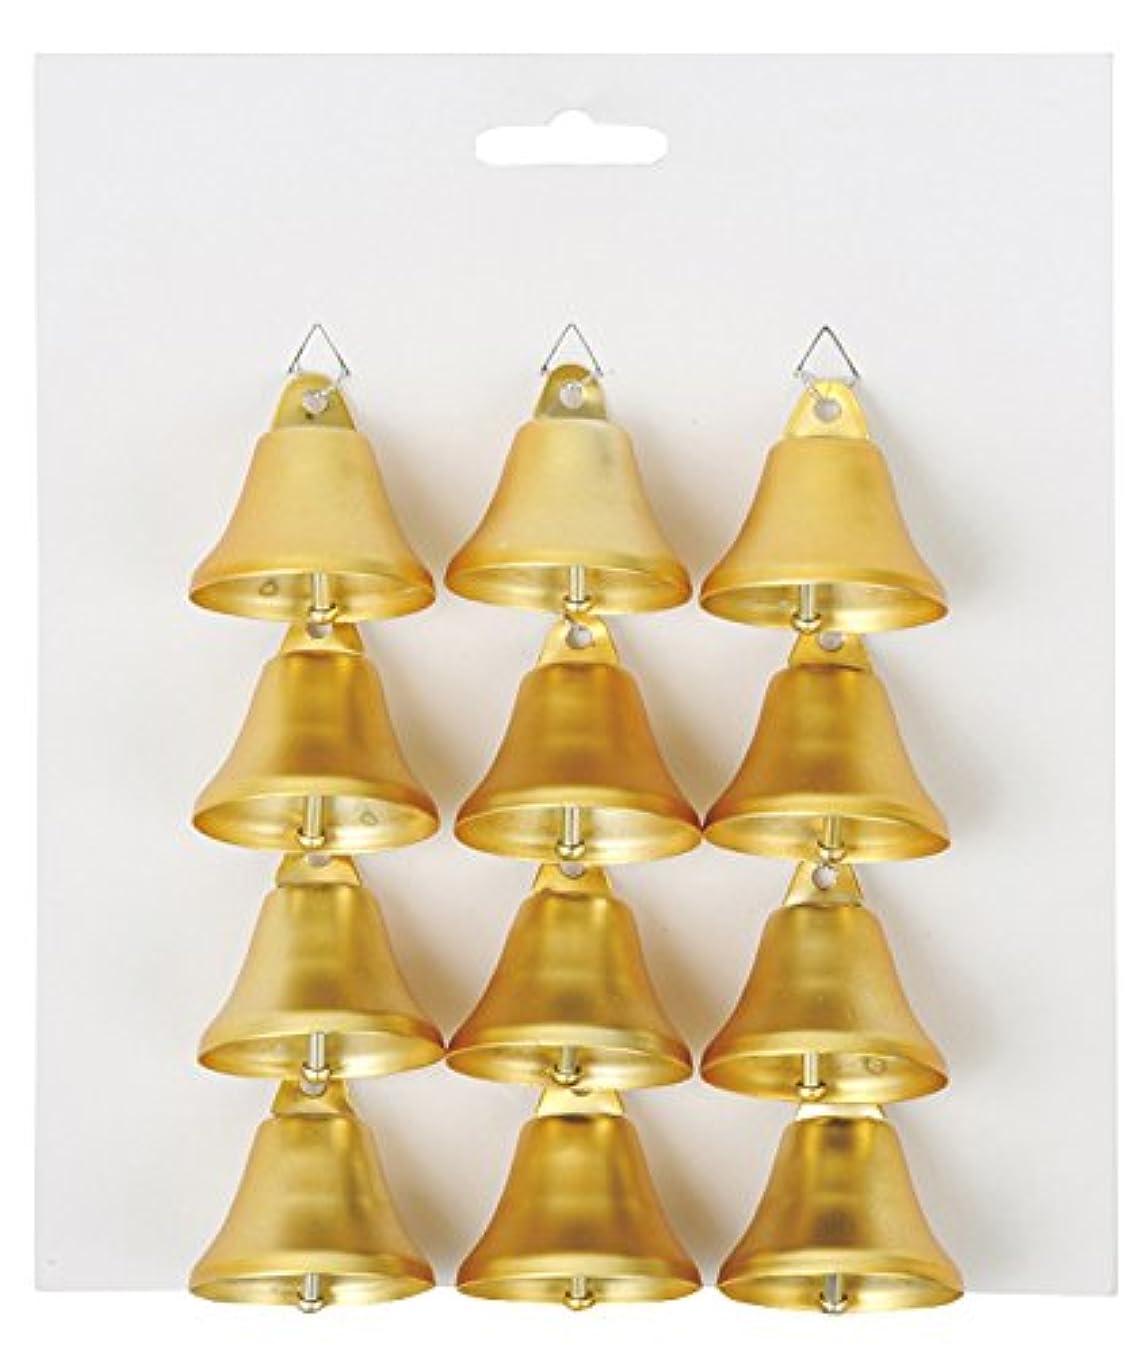 名前を作るがっかりする屋内でアスカ(Asca) クリスマス飾り ベルオーナメントX12 全長4cm 直径3.8cm ゴールド AX68975-040